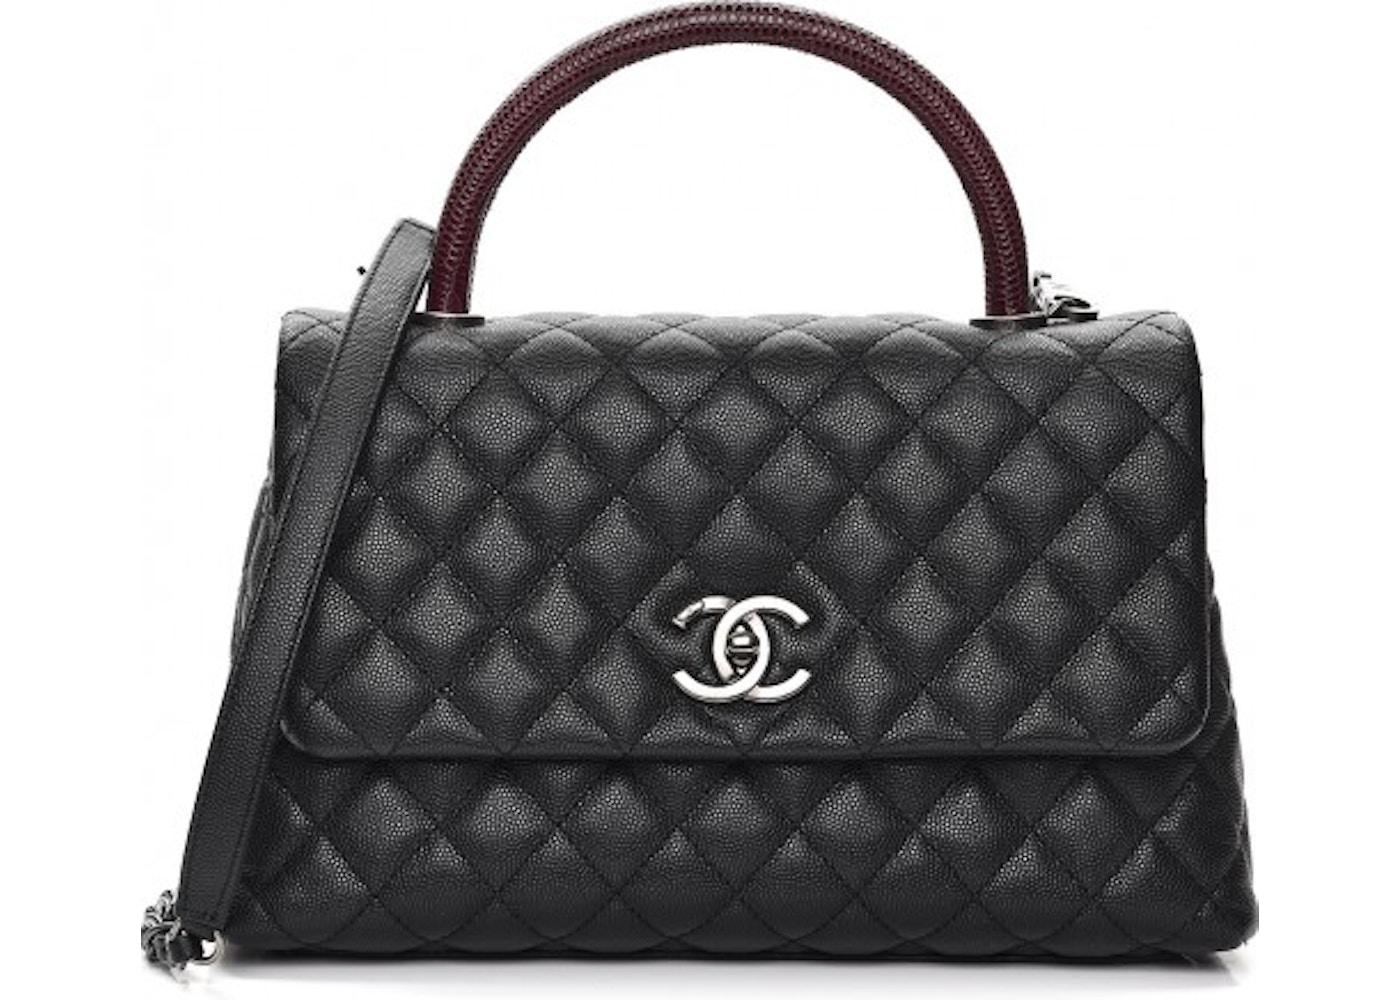 fc4000e3caff8f Chanel Coco Handle Small Black Leather Lizard. Black Leather Lizard